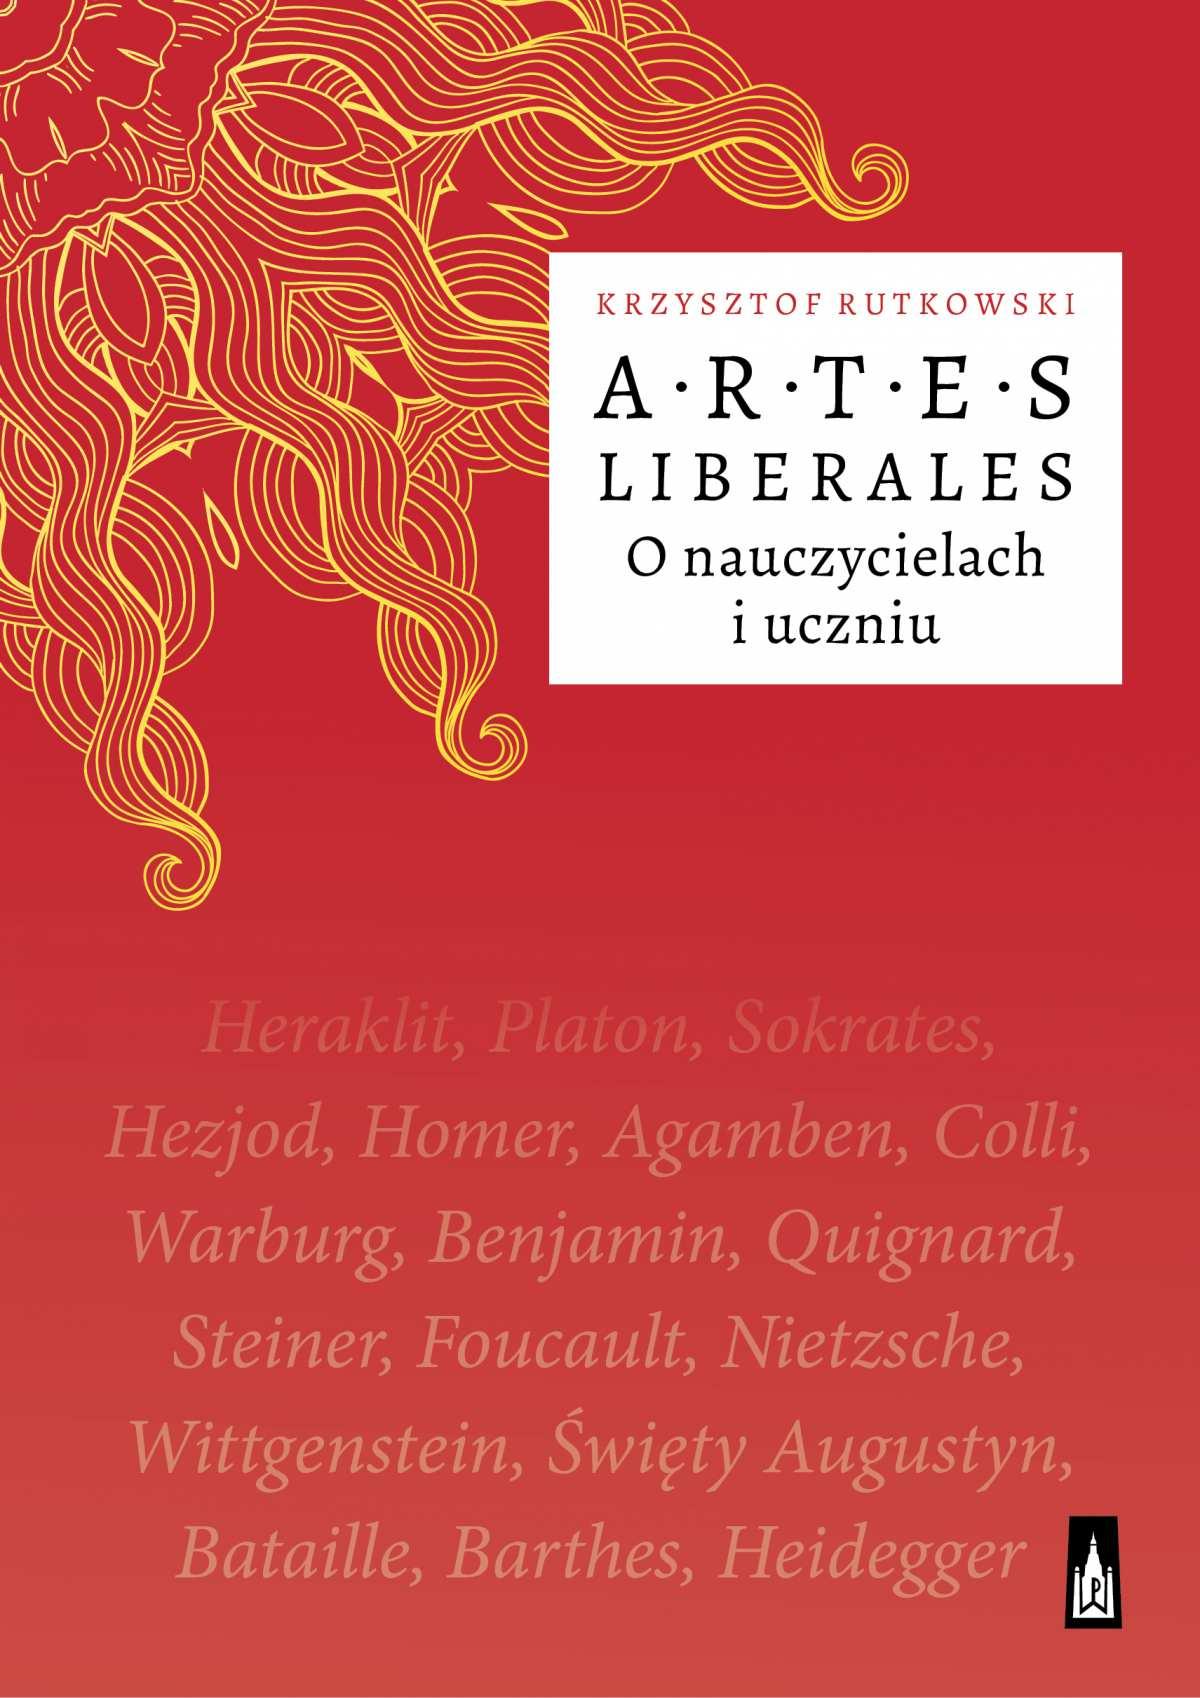 Artes Liberales. O nauczycielach i uczniu - Ebook (Książka EPUB) do pobrania w formacie EPUB